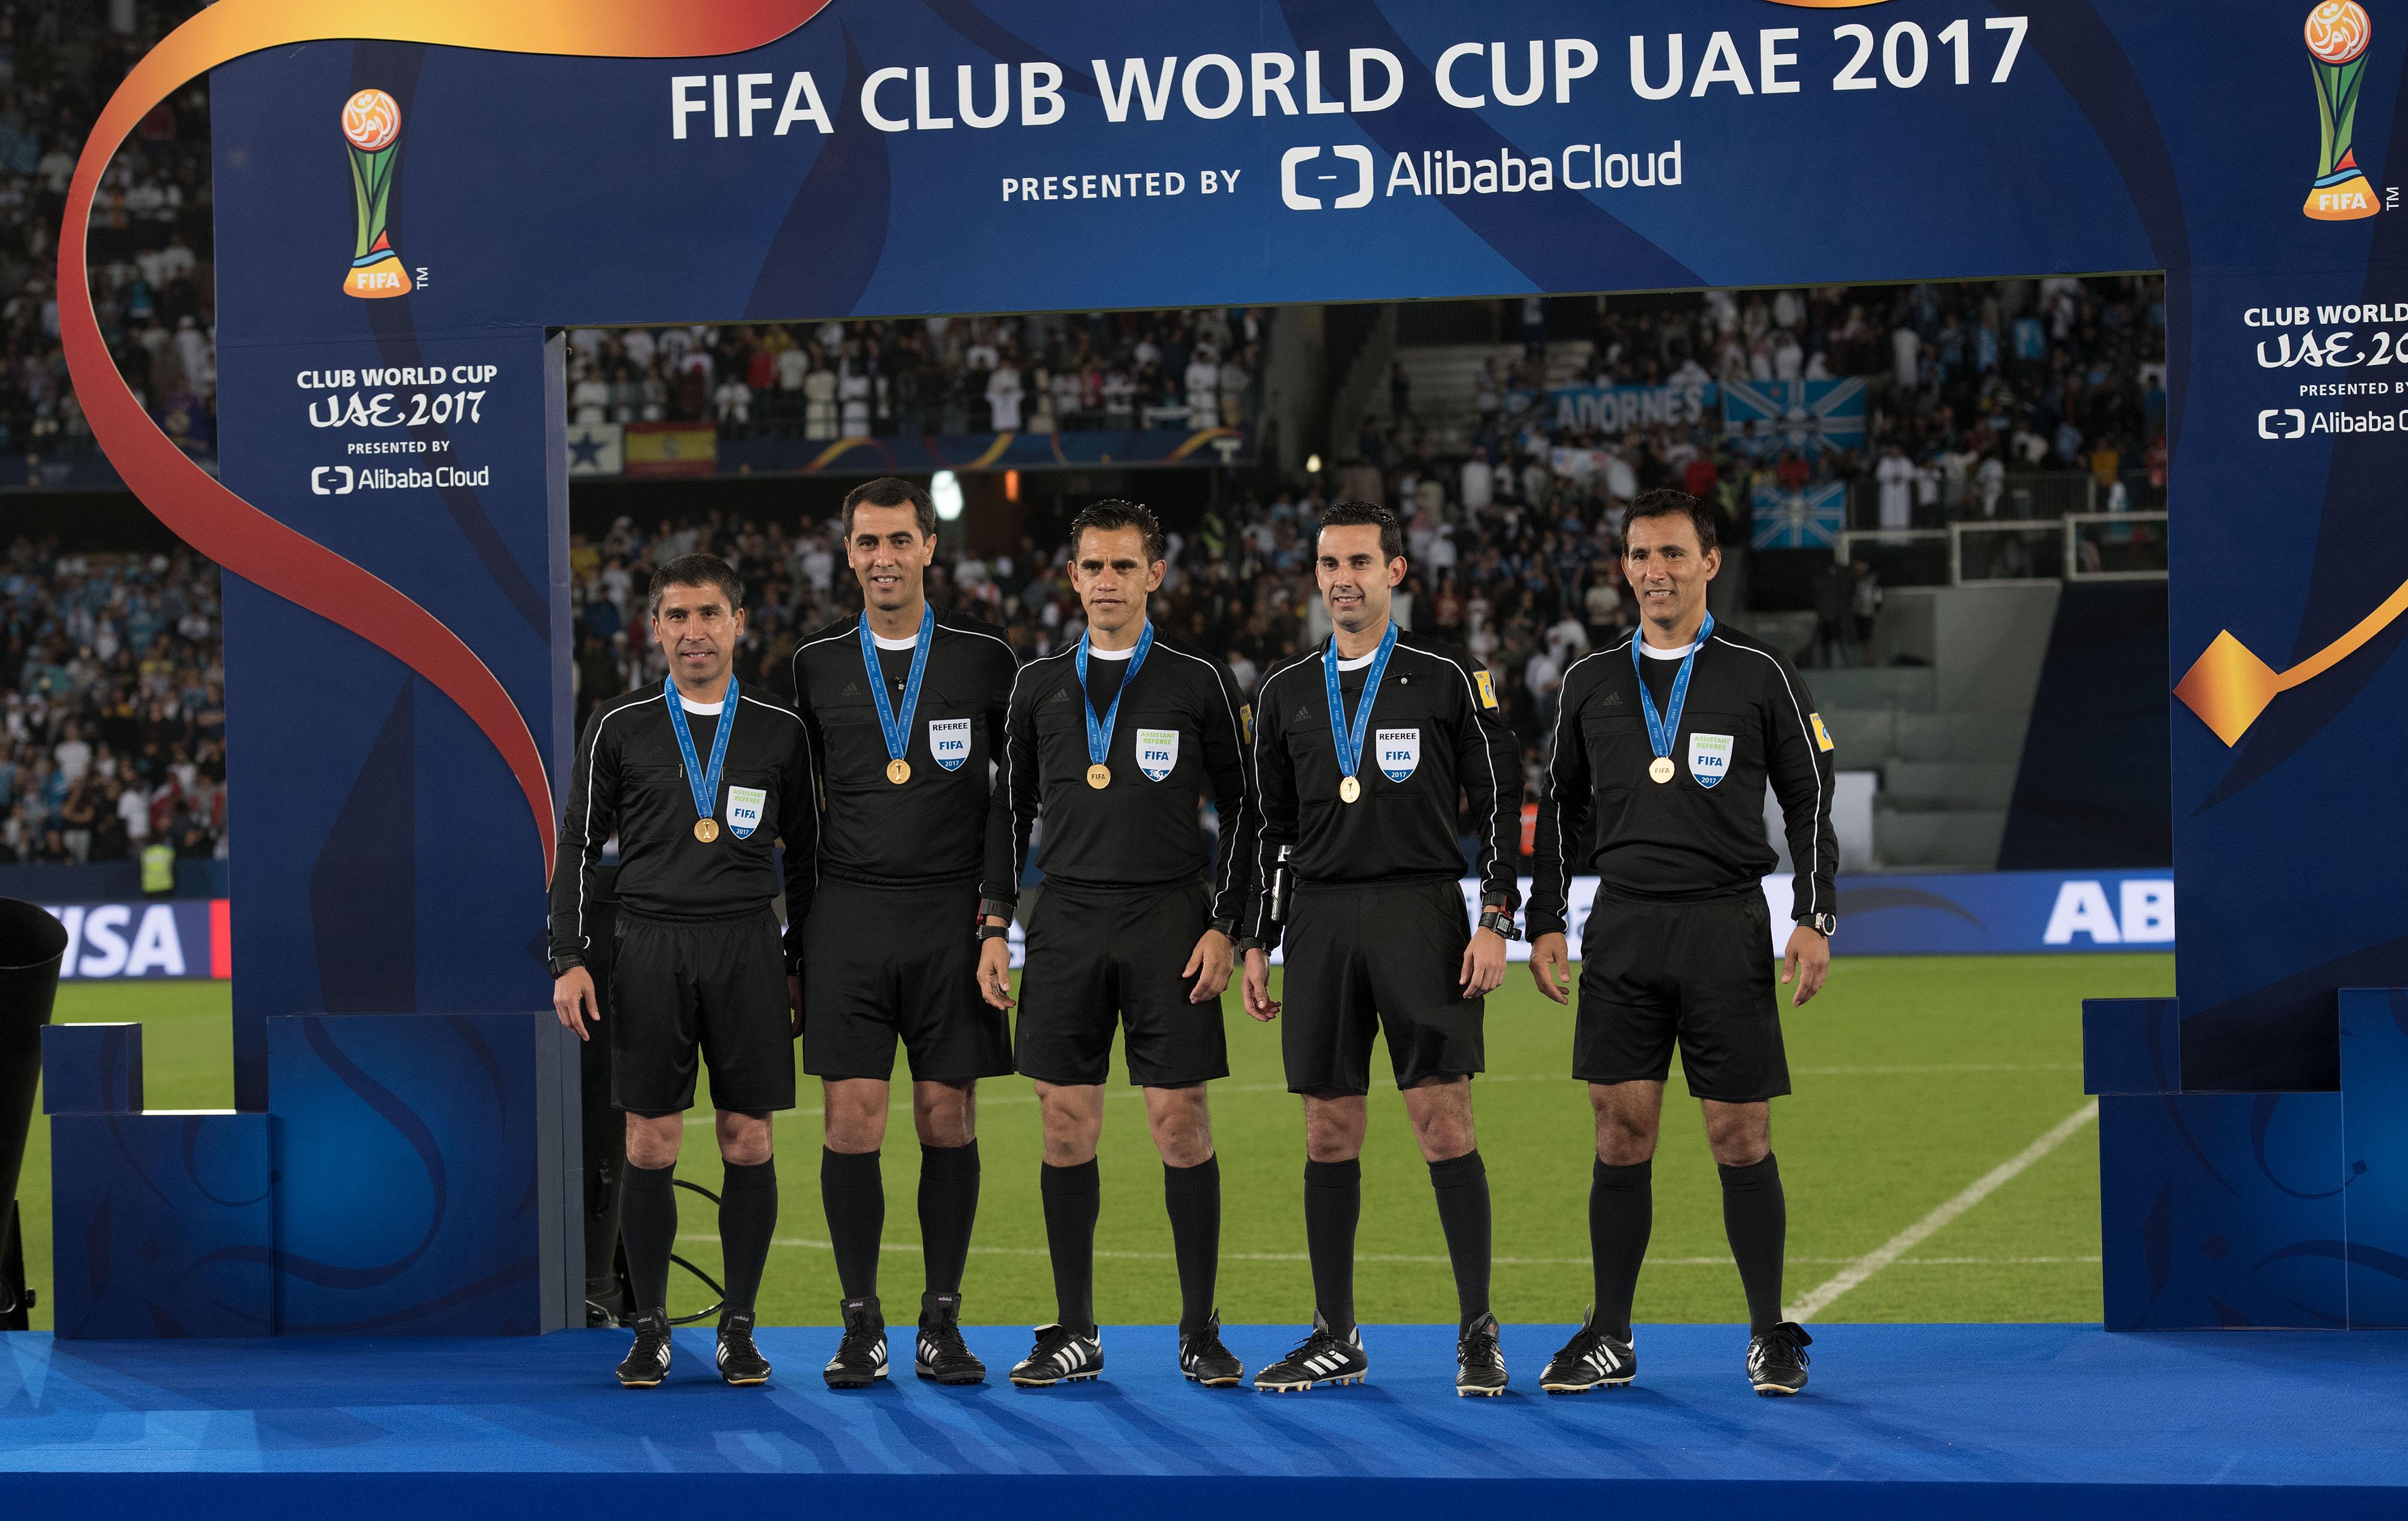 FIFA-Mundial-de-Clubes-Real-Madrid-Gremio-Porto-Allegre